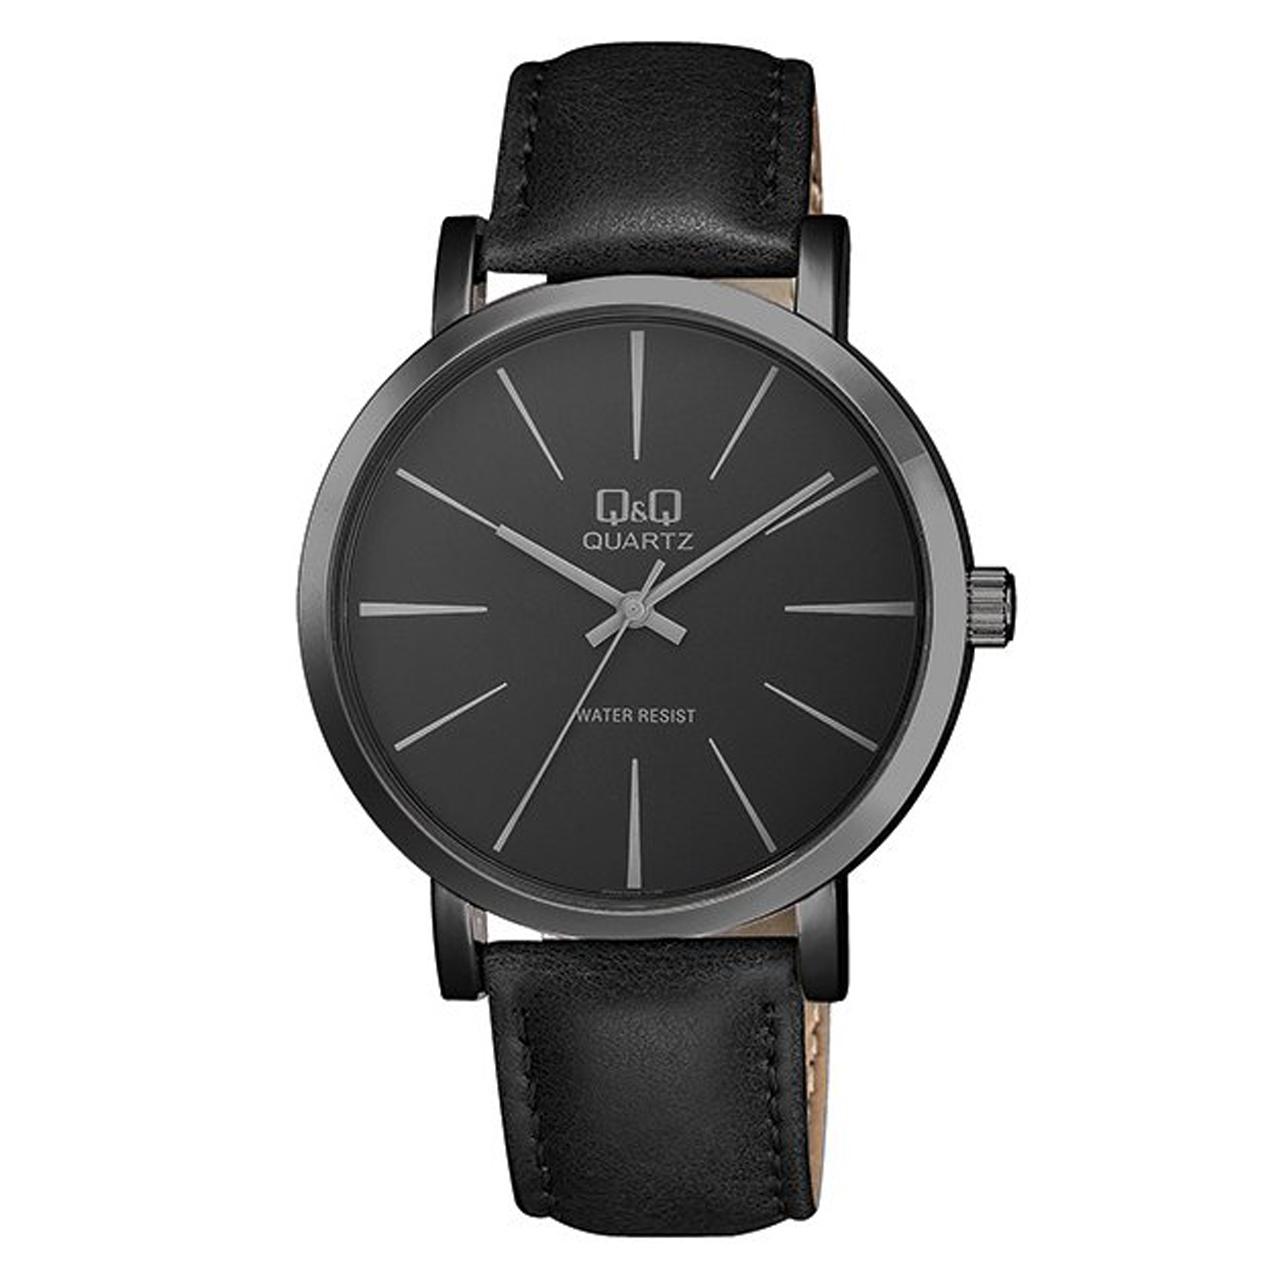 ساعت مچی عقربه ای مردانه کیو اند کیو مدل q892j532y  به همراه دستمال مخصوص برند کلین واچ 39